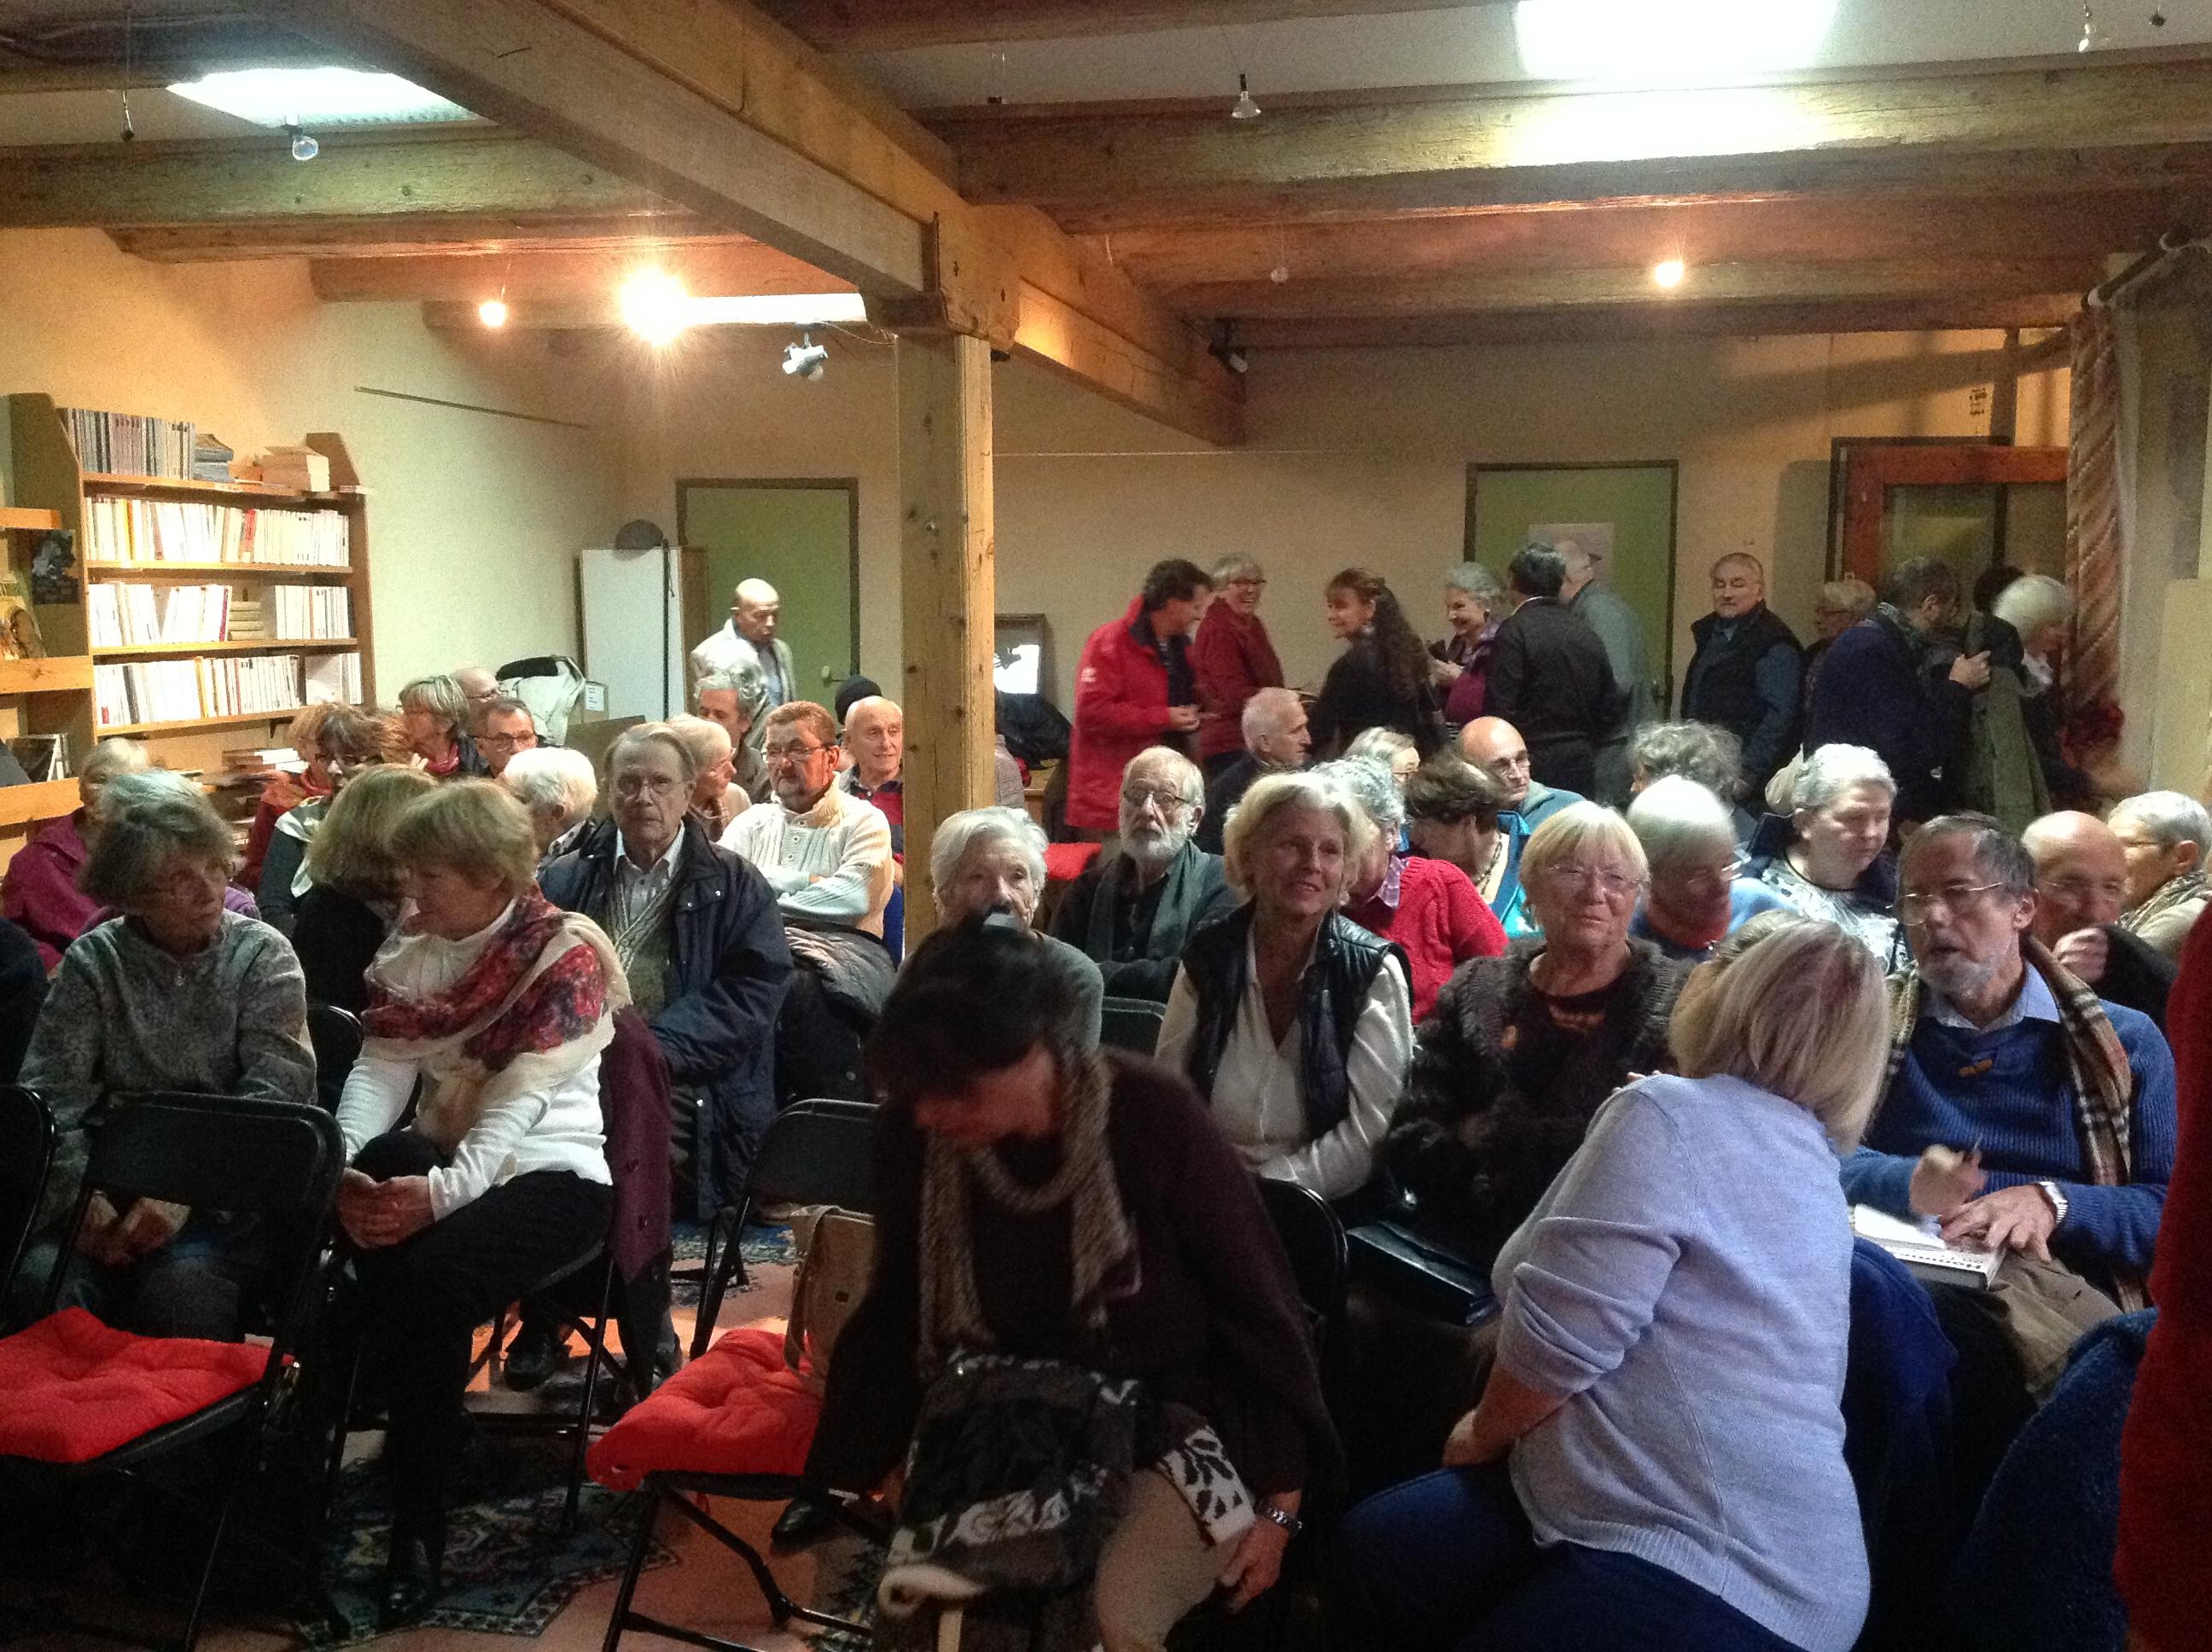 Le 18.11.2014, Archimède a fait archi comble : 70 personnes sont venues écouter Jean-Marc !